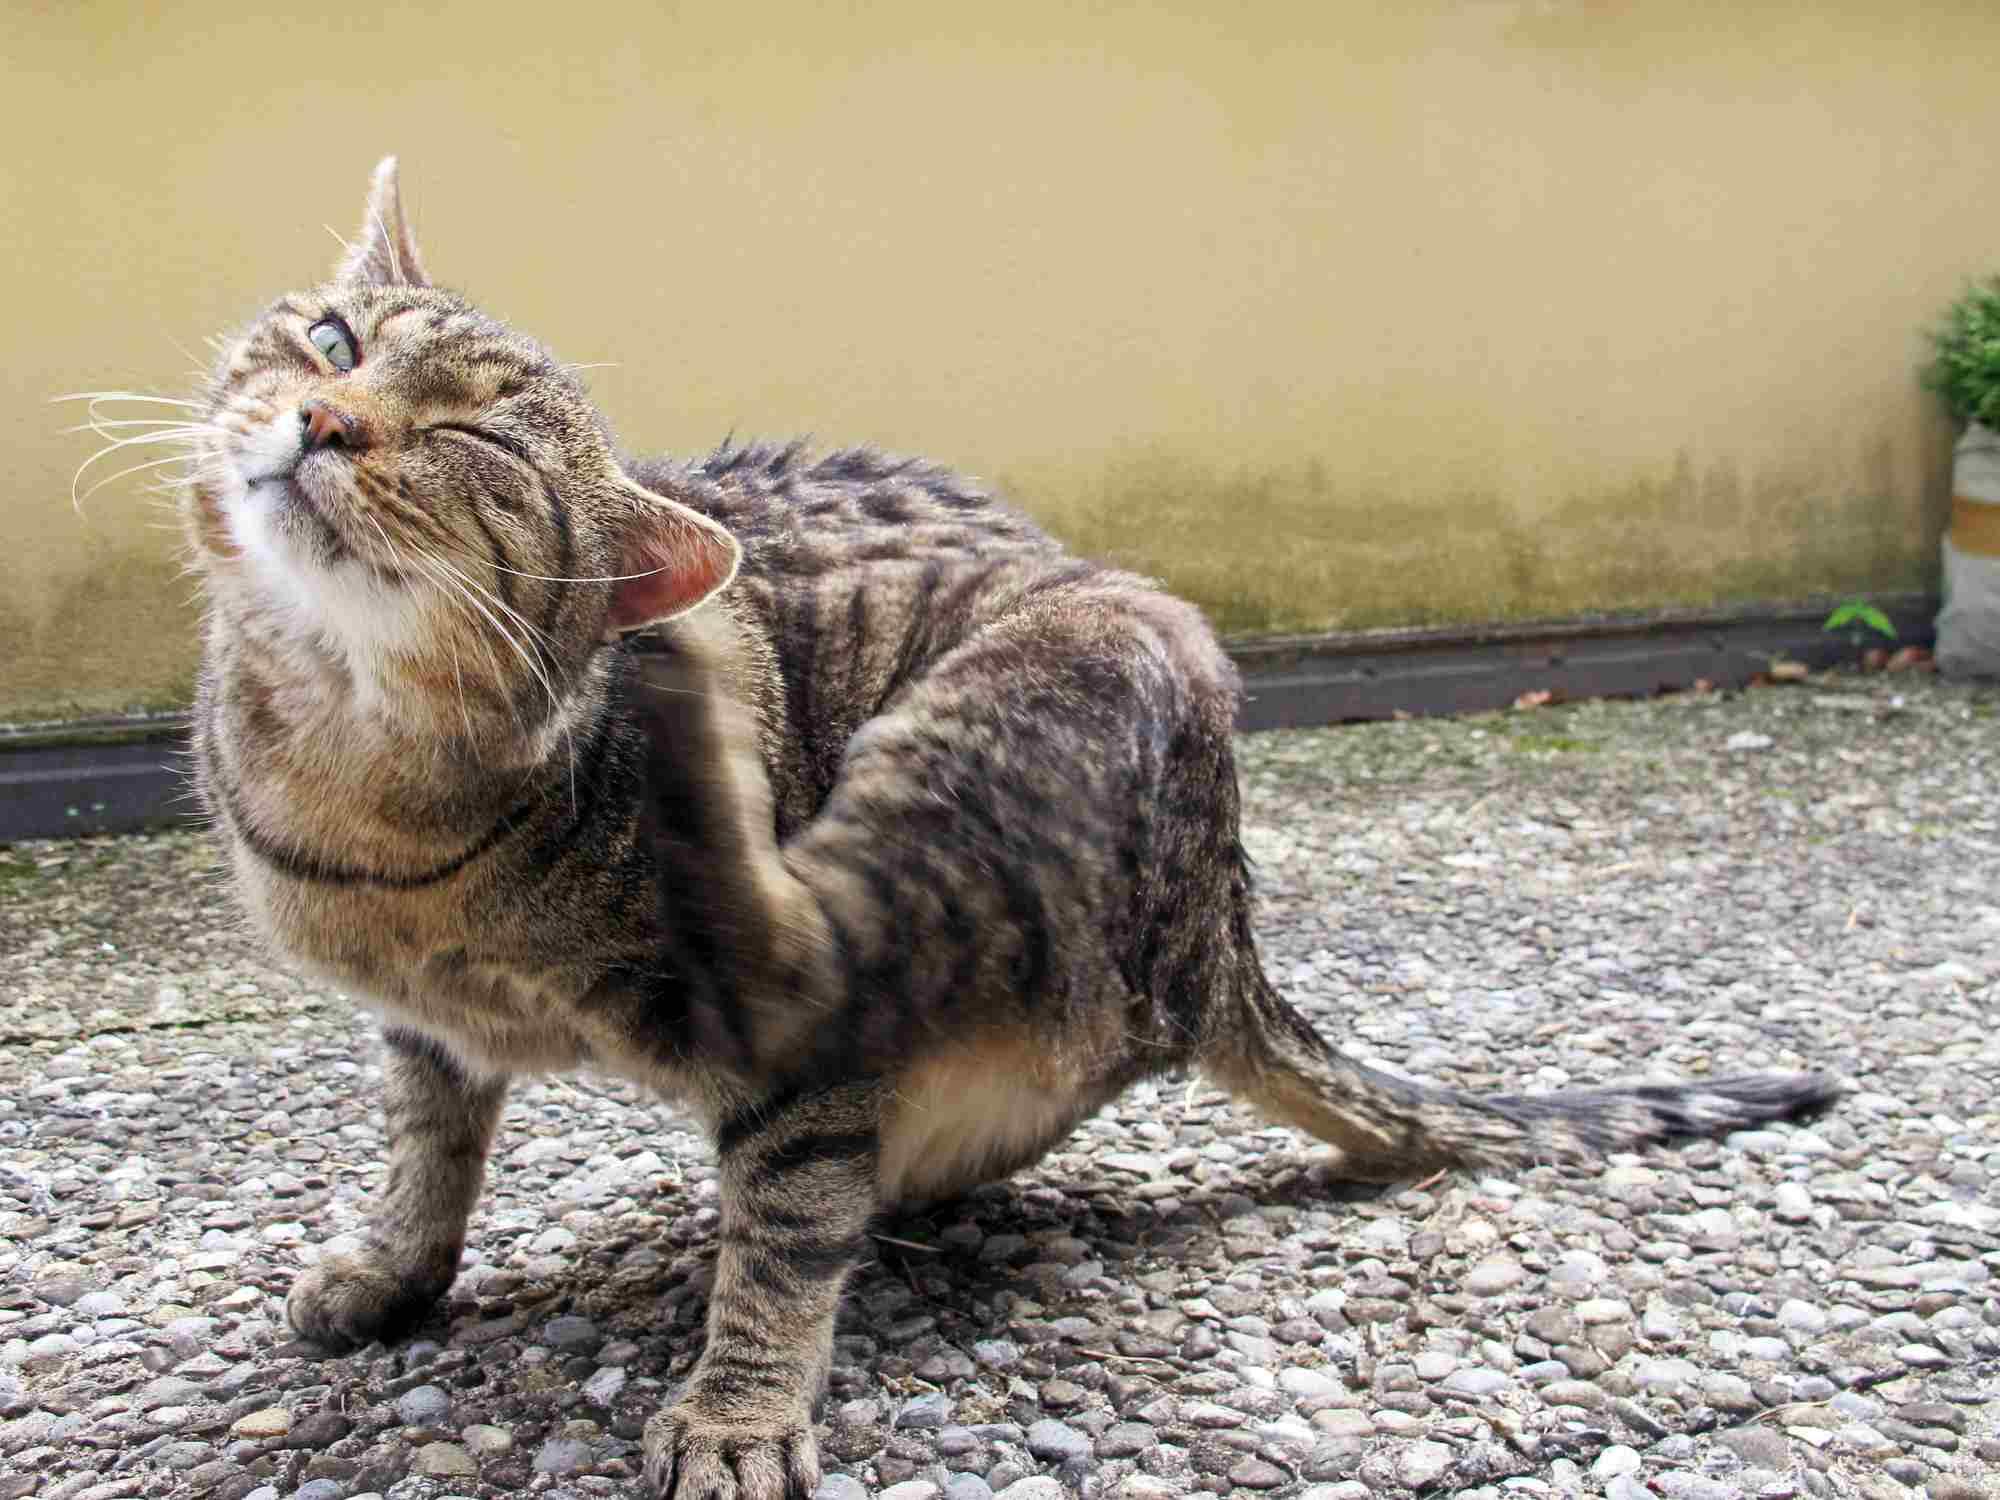 Cat scratching their ear